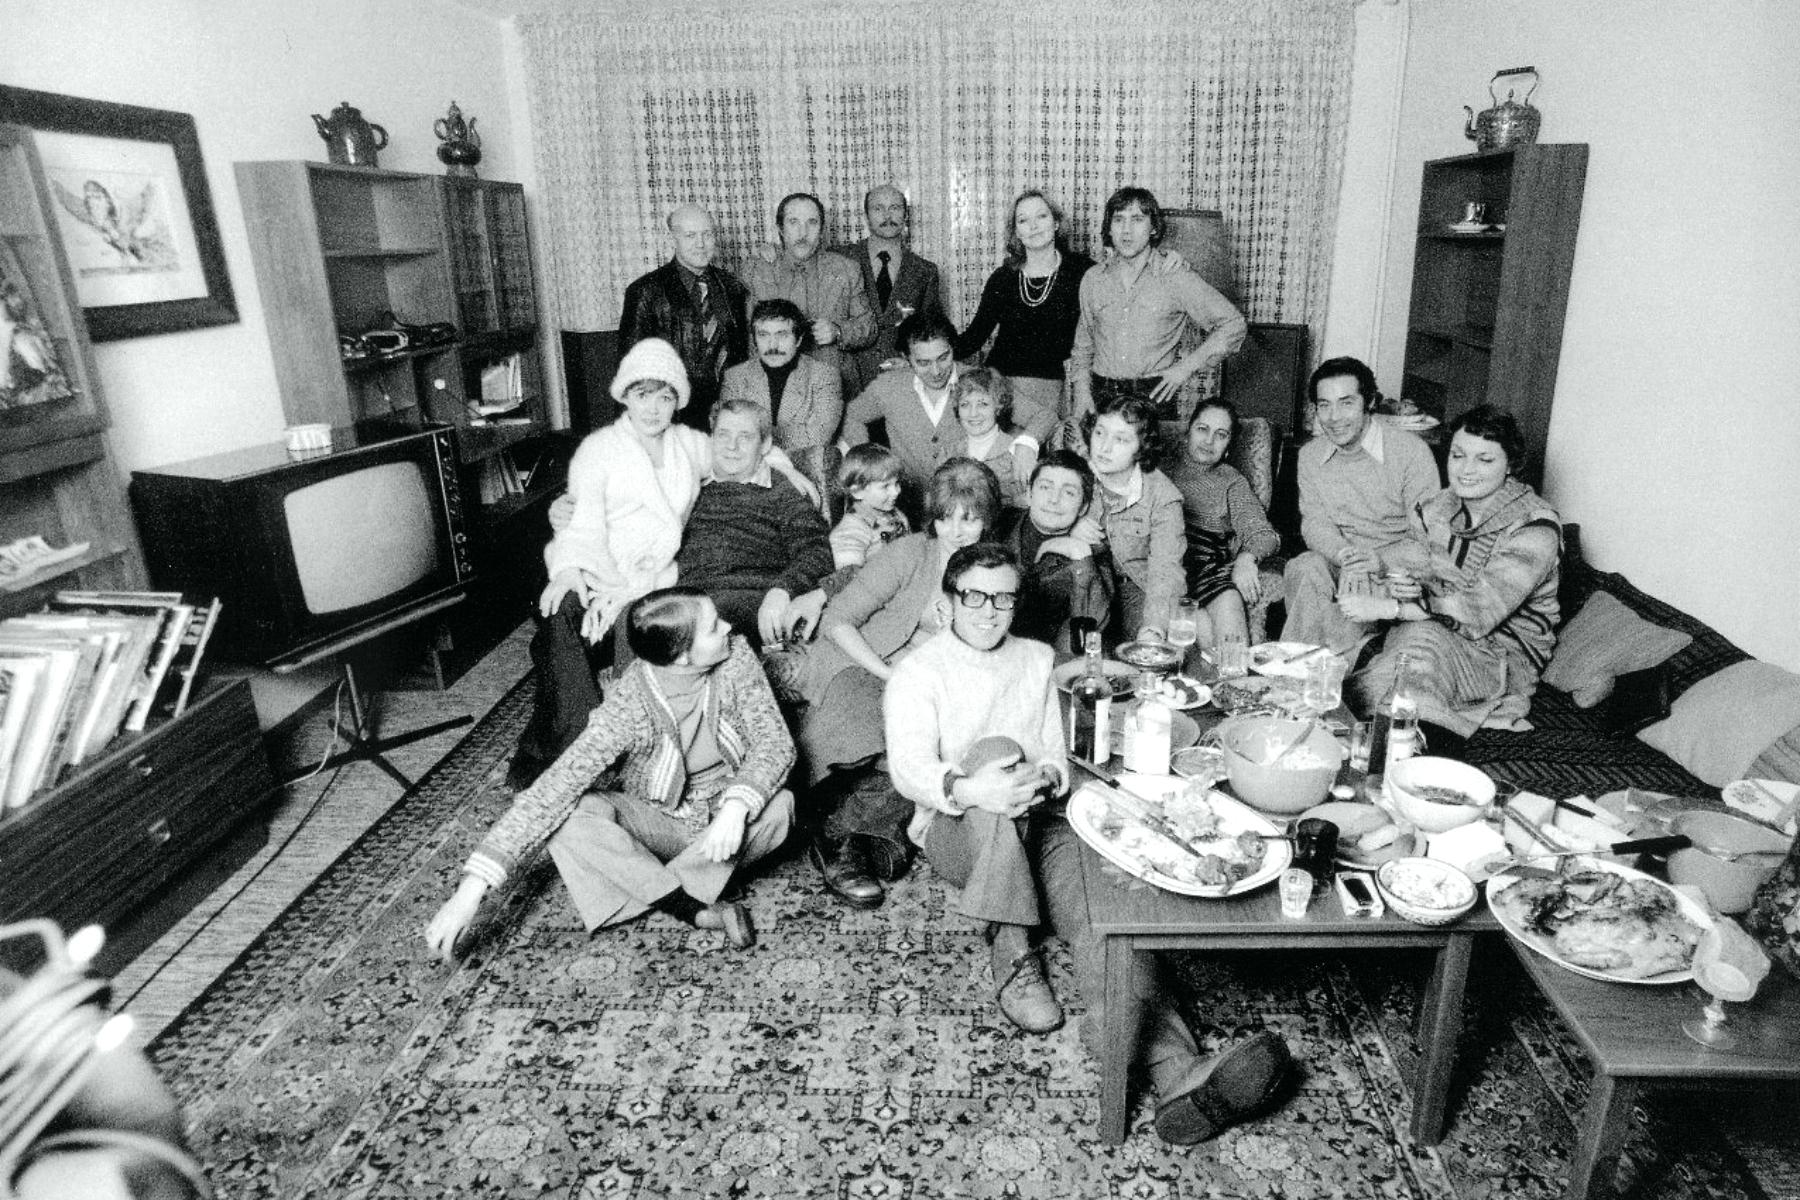 В квартире В. Высоцкого на Малой Грузинской, 24 декабря 1975 года, Москва